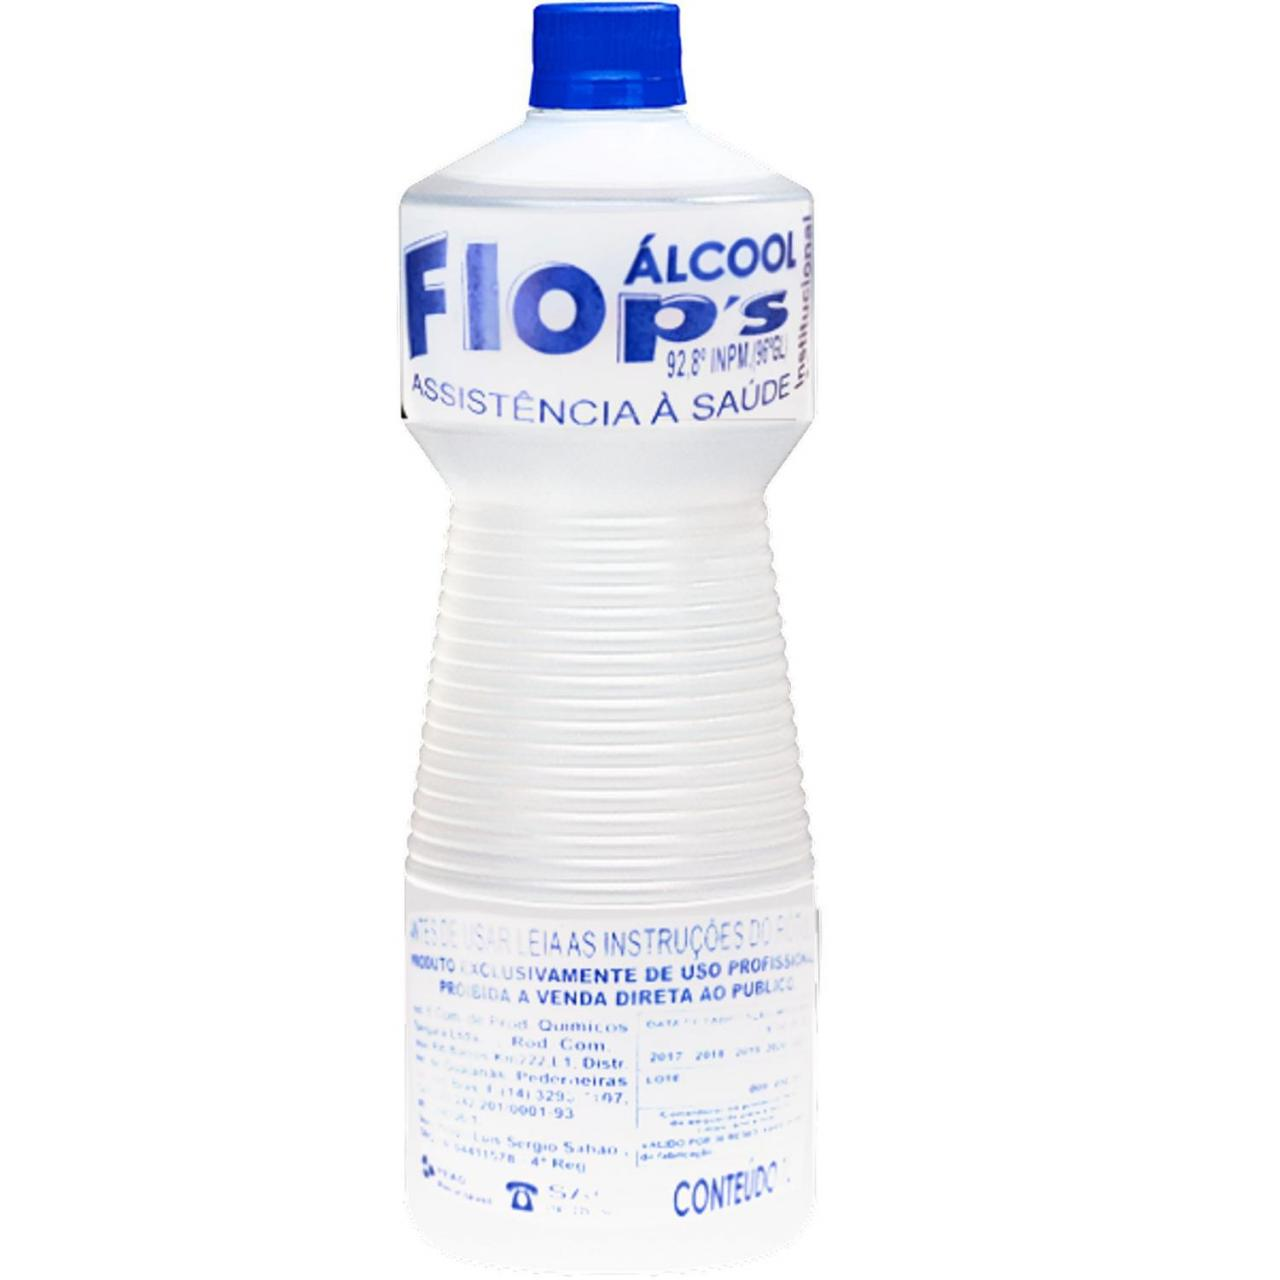 imagem de Álcool Flop's 92.8° INPM 1L